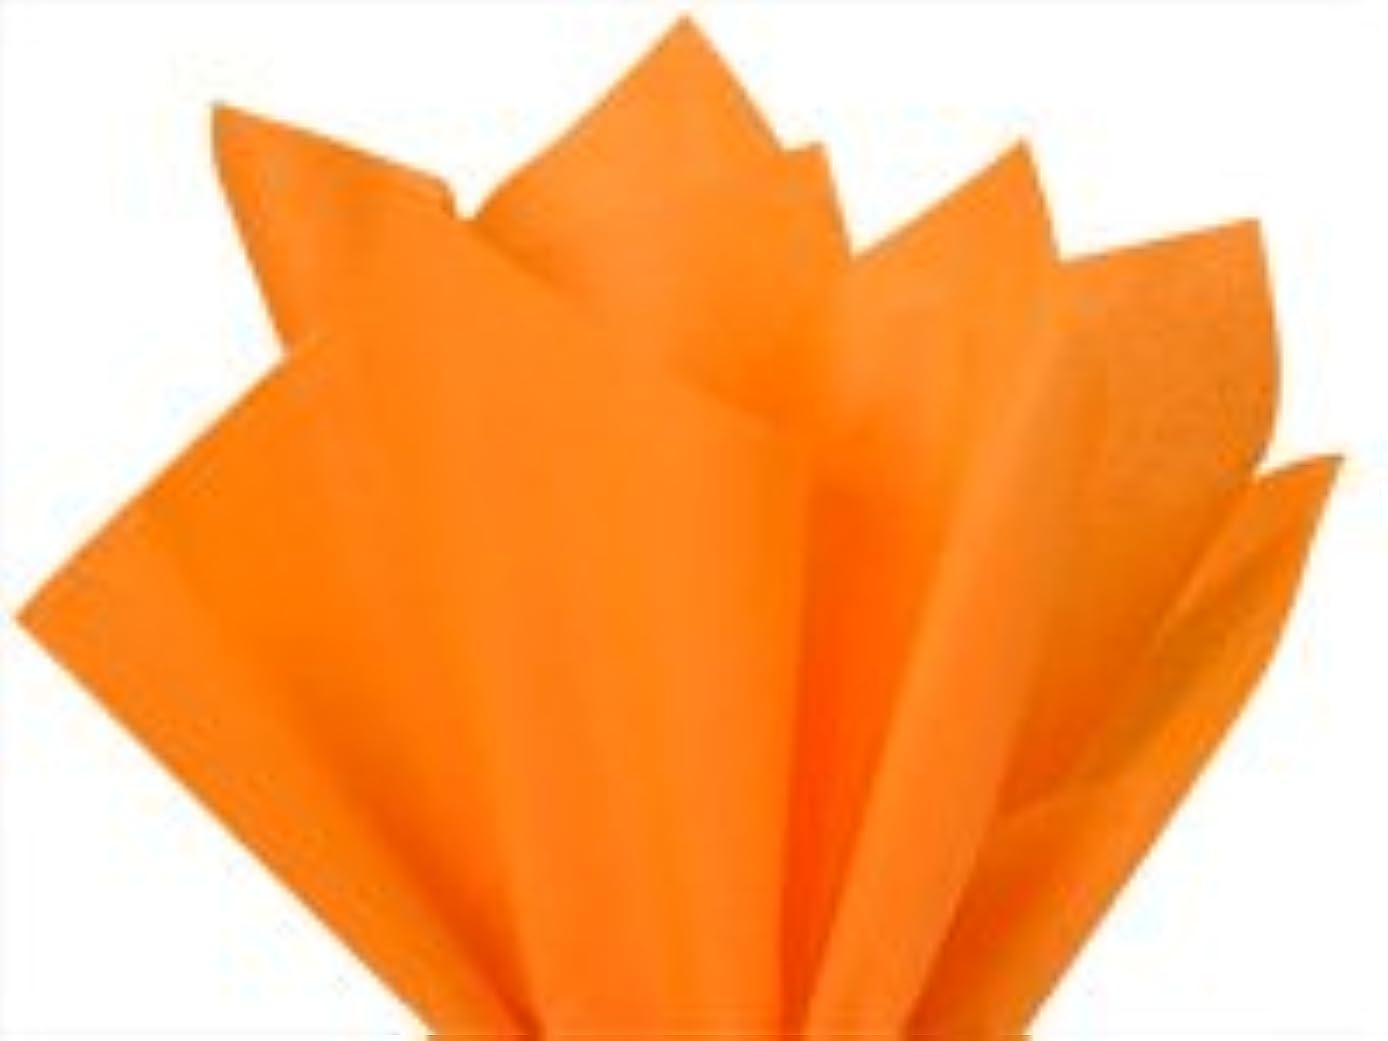 MTBHY New Tangerine Light Orange Bulk Tissue Paper 15